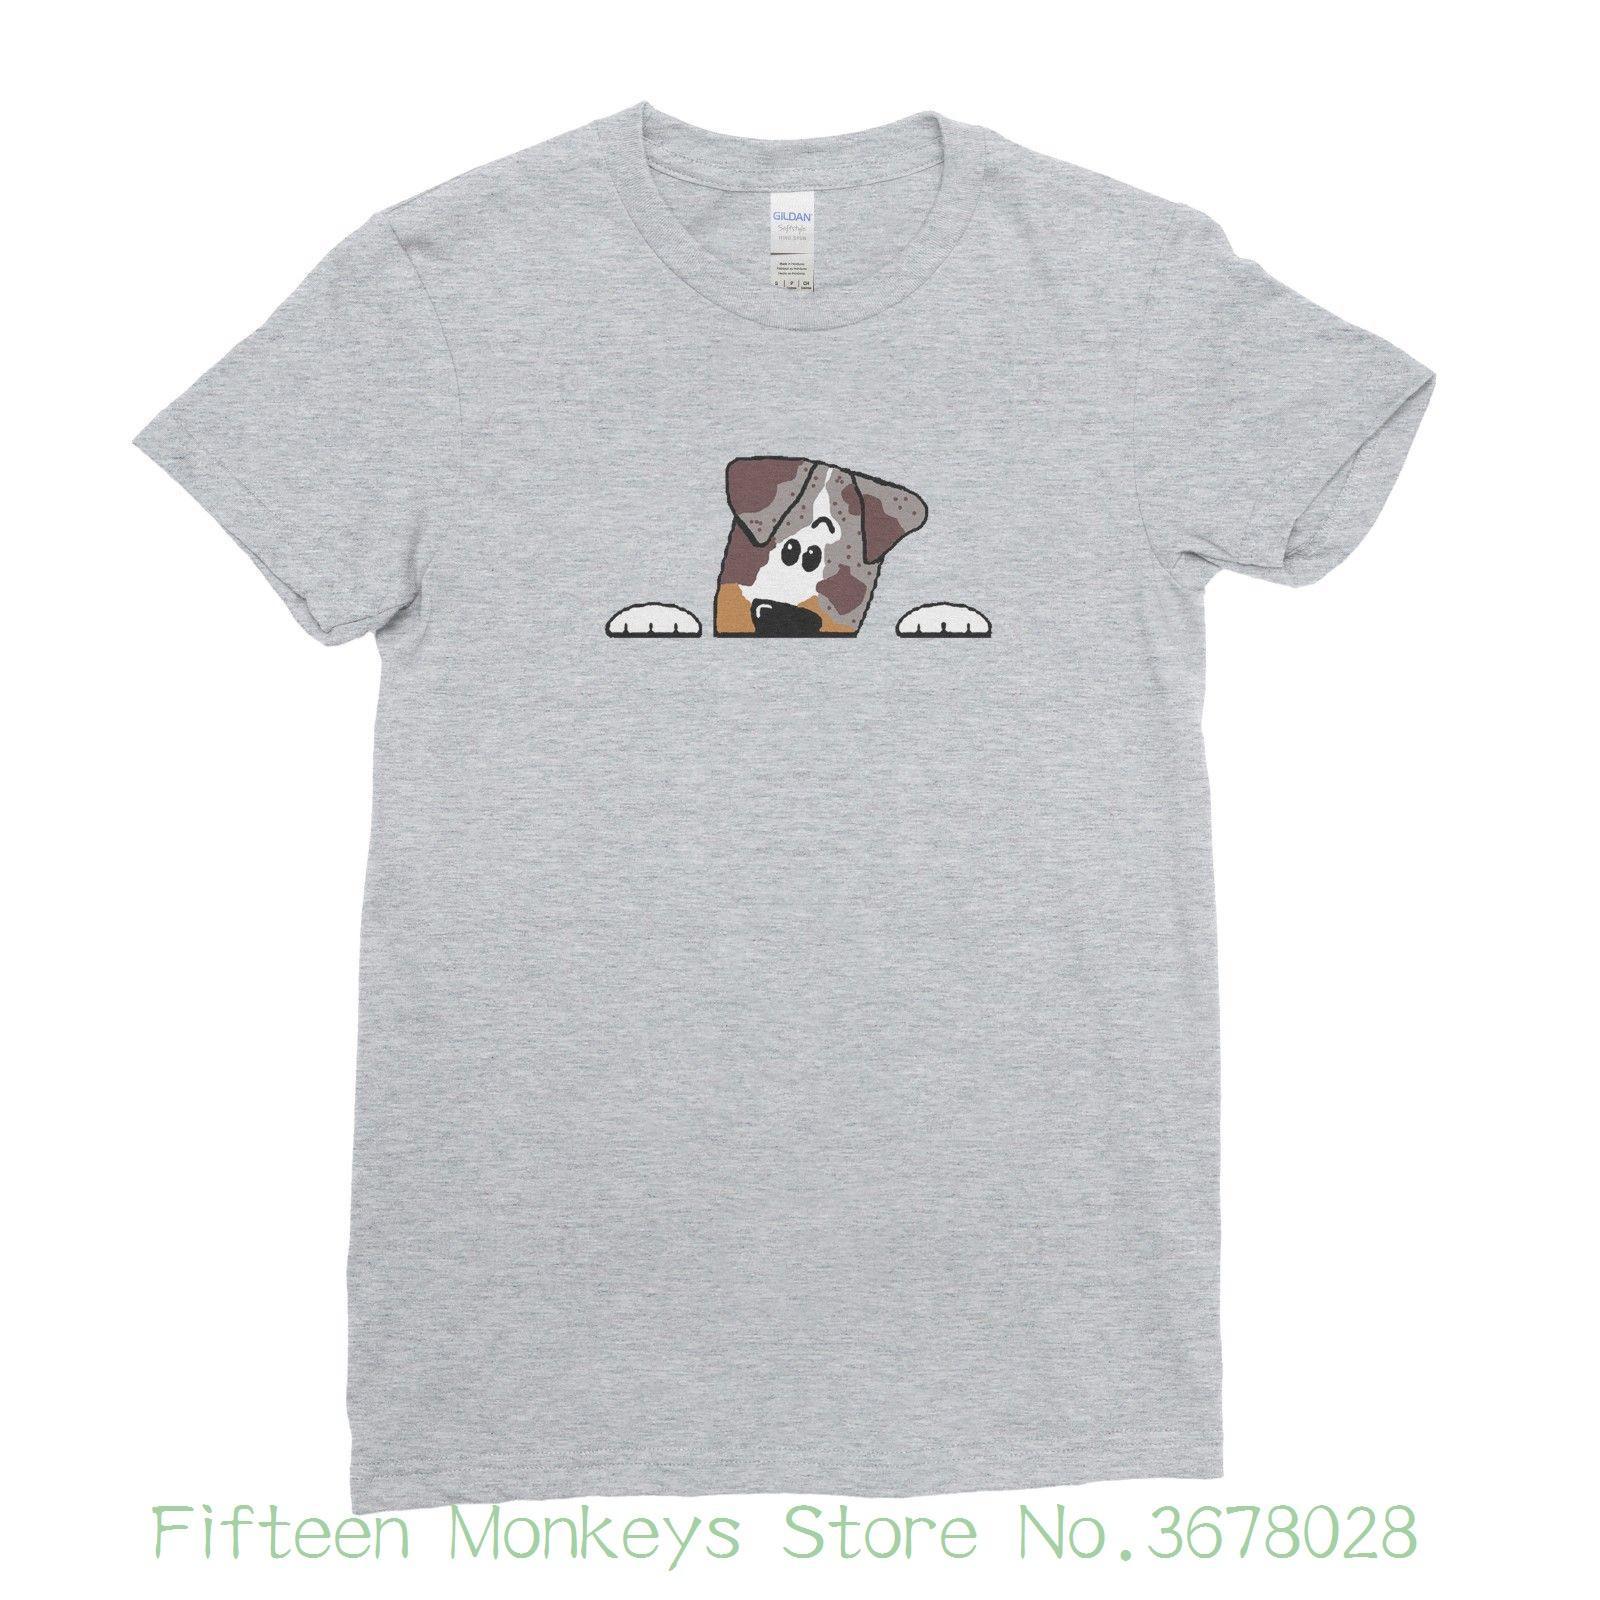 Tee Mujeres Linda Animados De Venta Dibujos Top Perro Historieta Las Animal La Mascota Camiseta Del Amante Fresca O0Nm8nvw